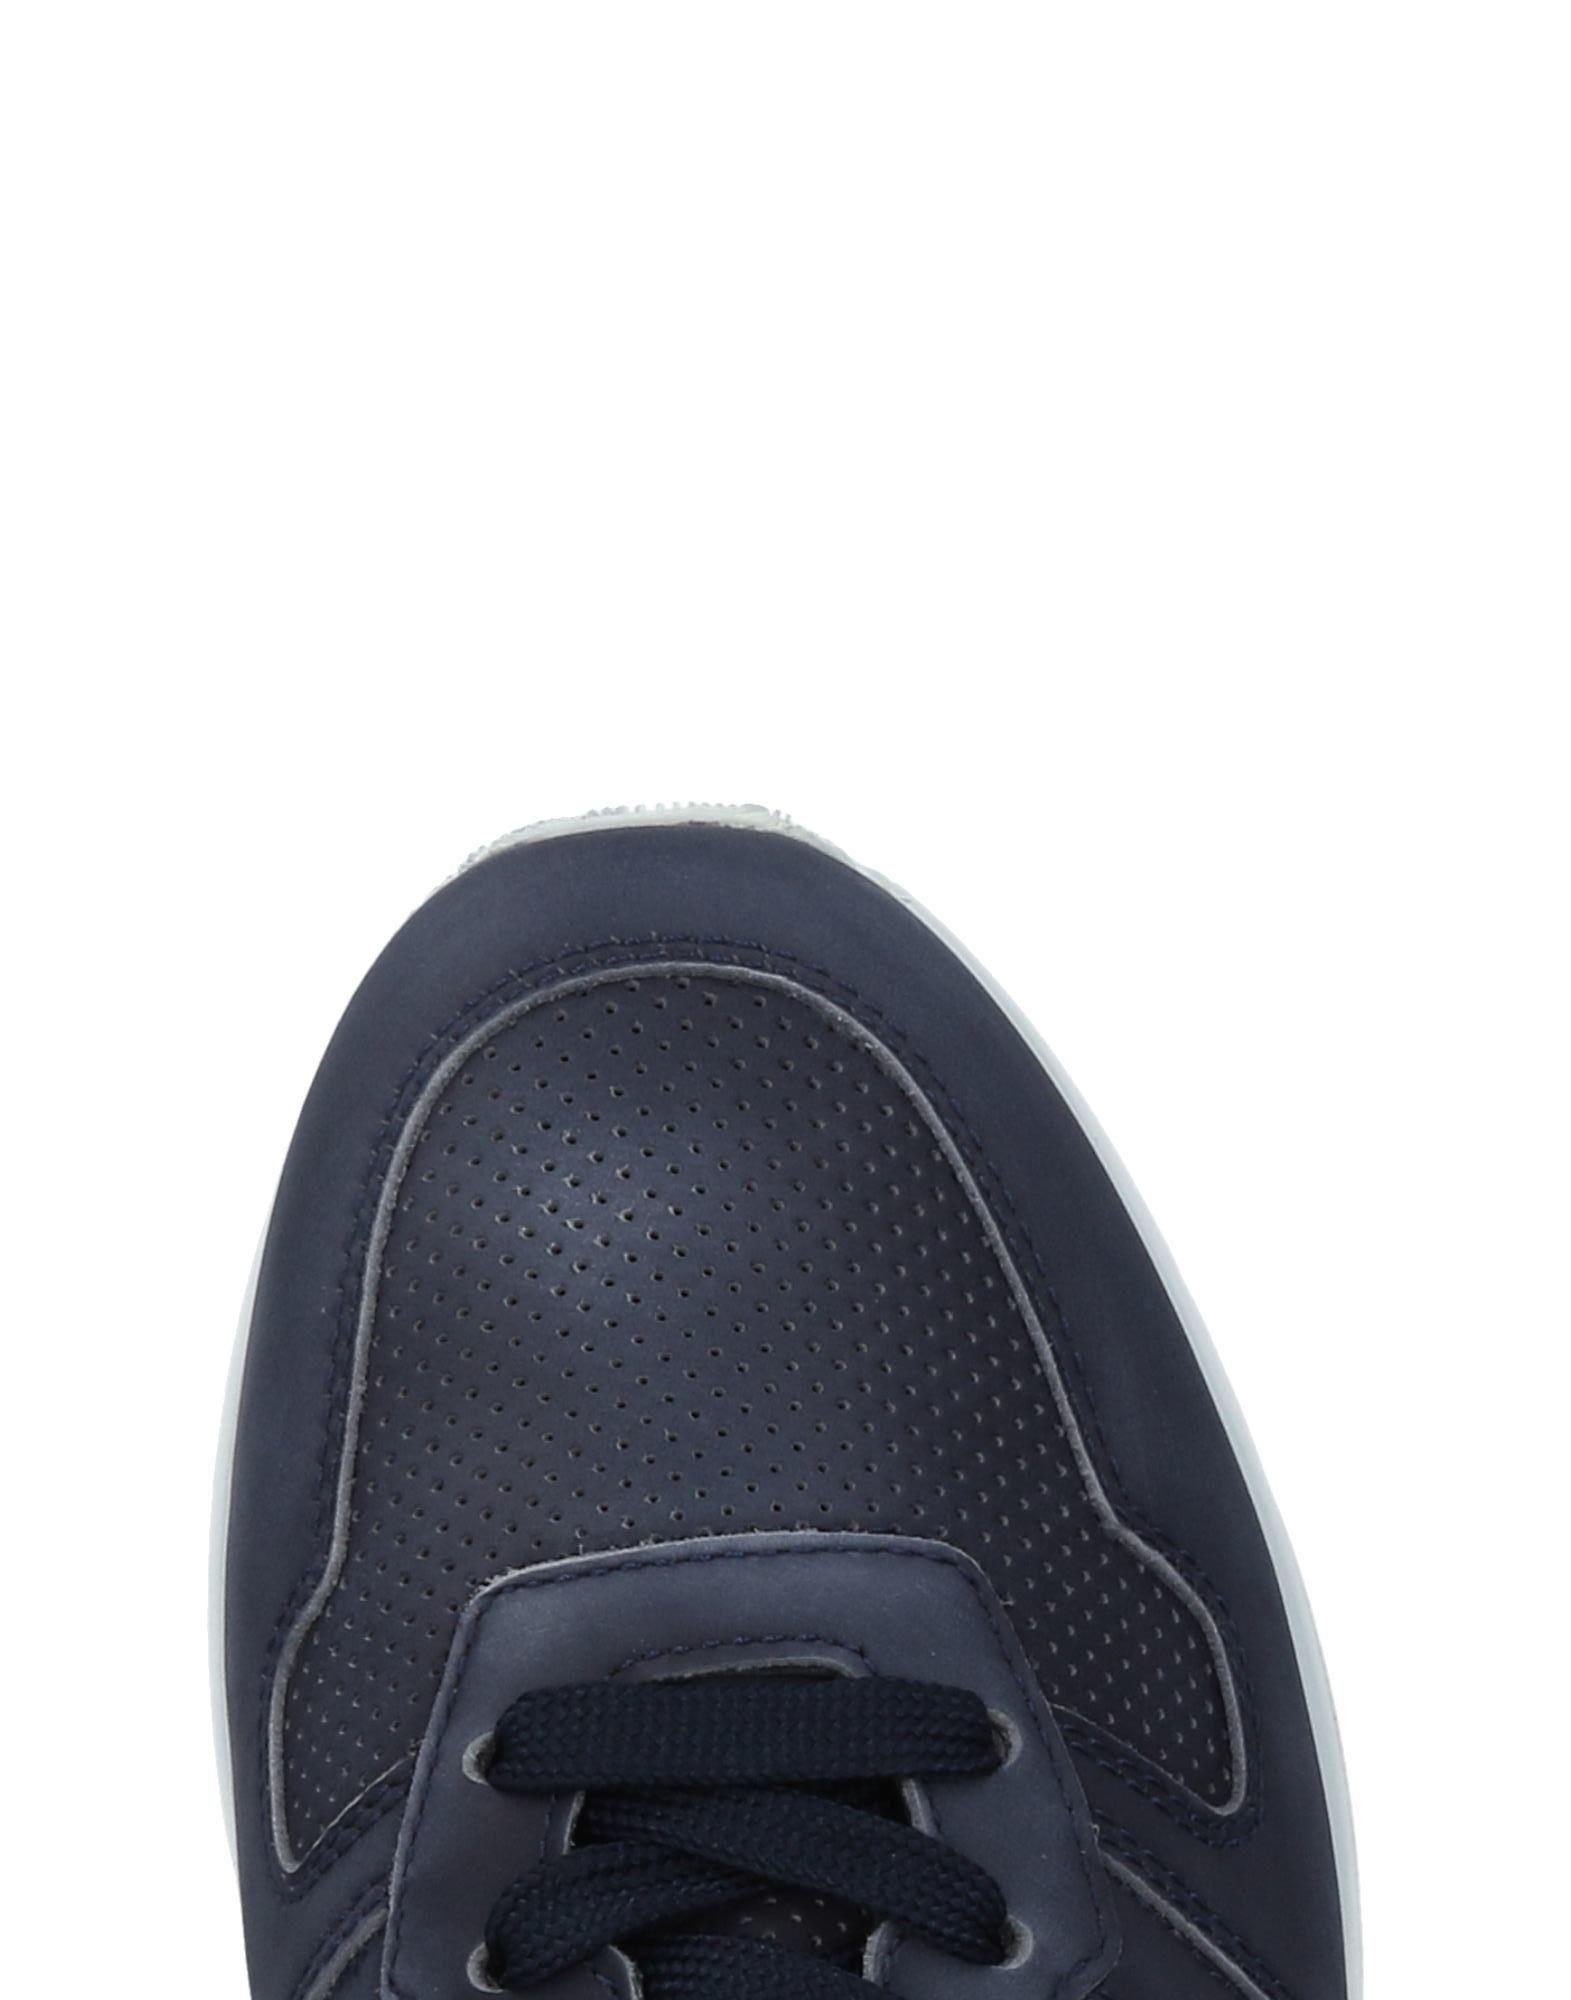 Hogan 11402566NR Sneakers Herren  11402566NR Hogan Gute Qualität beliebte Schuhe 0b6fea